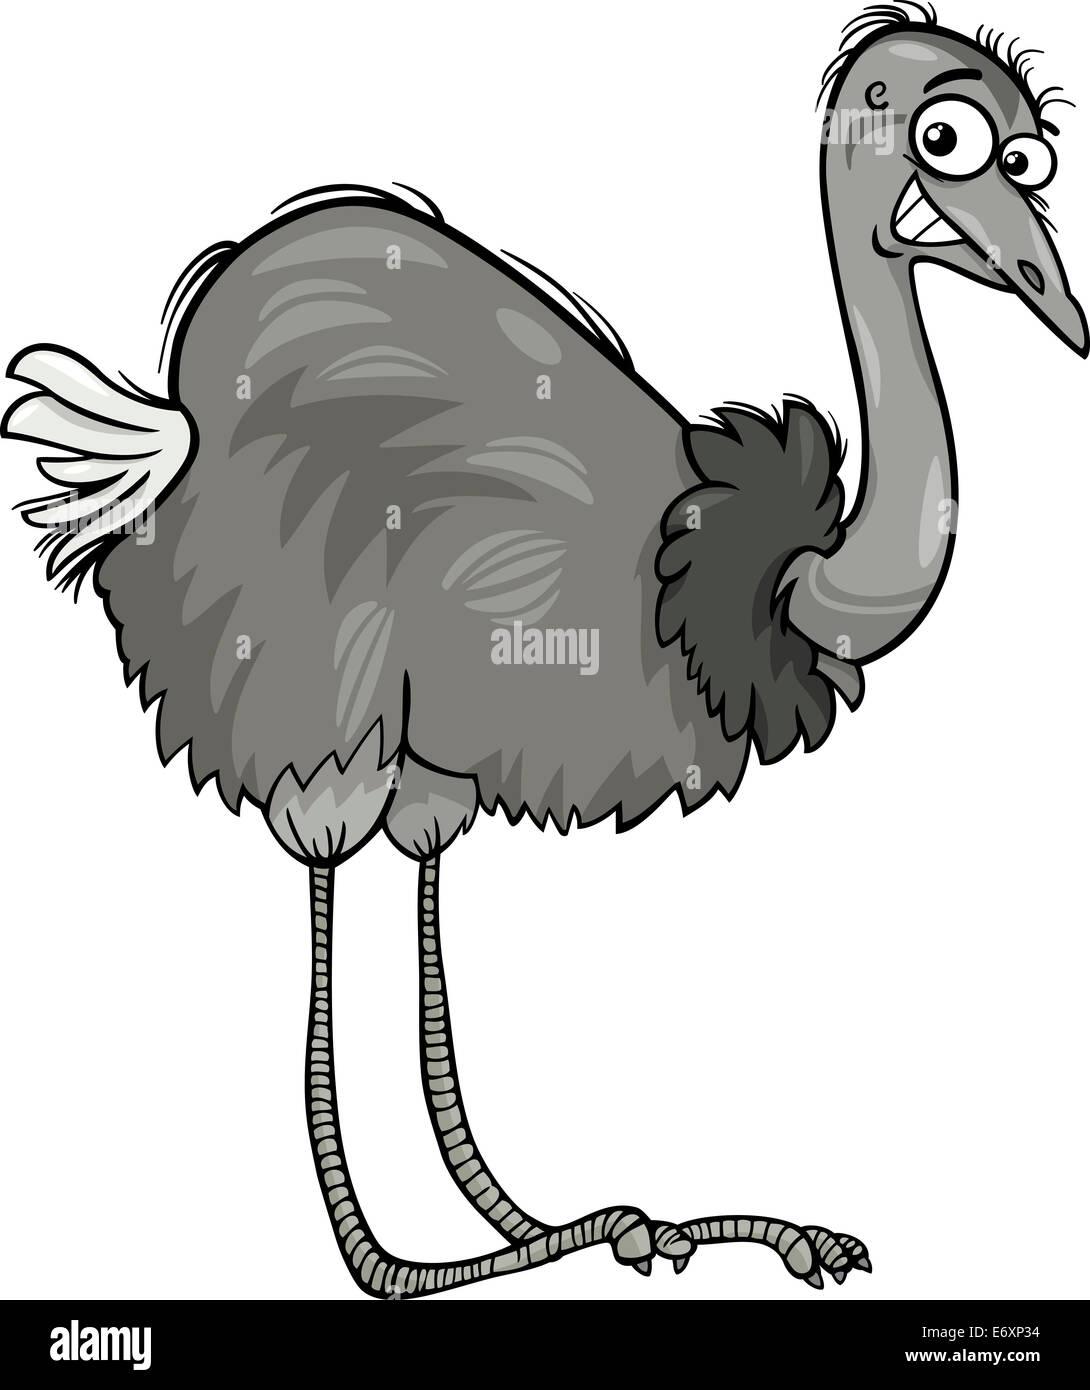 Ilustración Caricatura Divertida De ñandu Avestruz Animales